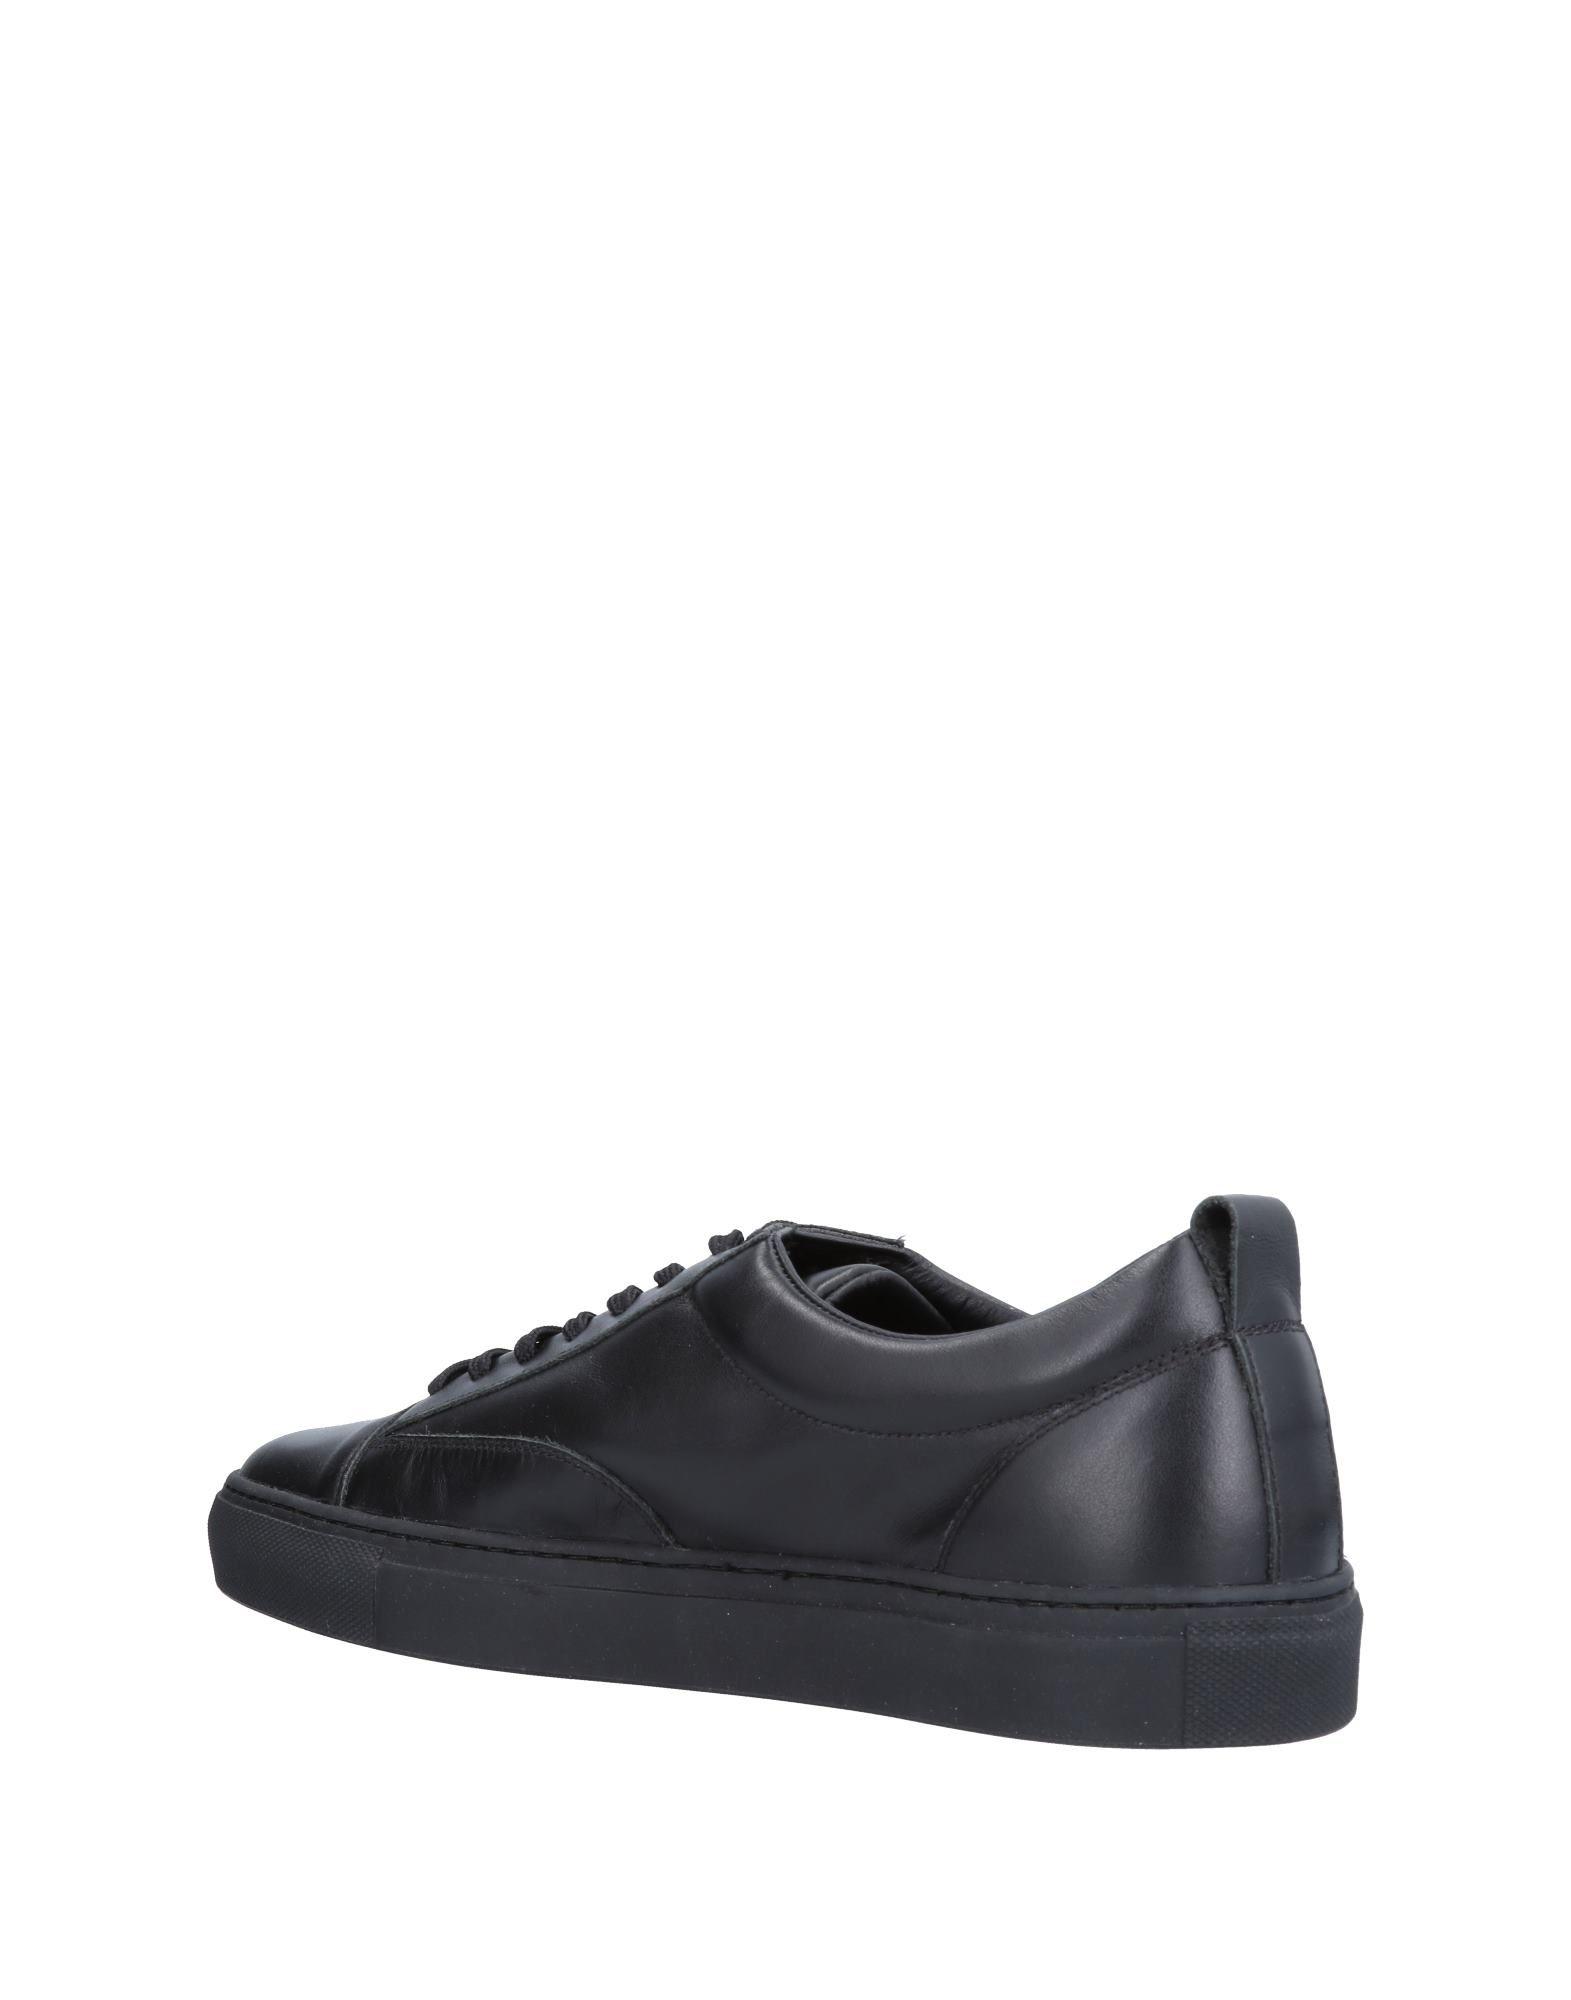 Msgm Sneakers Herren Herren Sneakers  11494743EM de9ec2